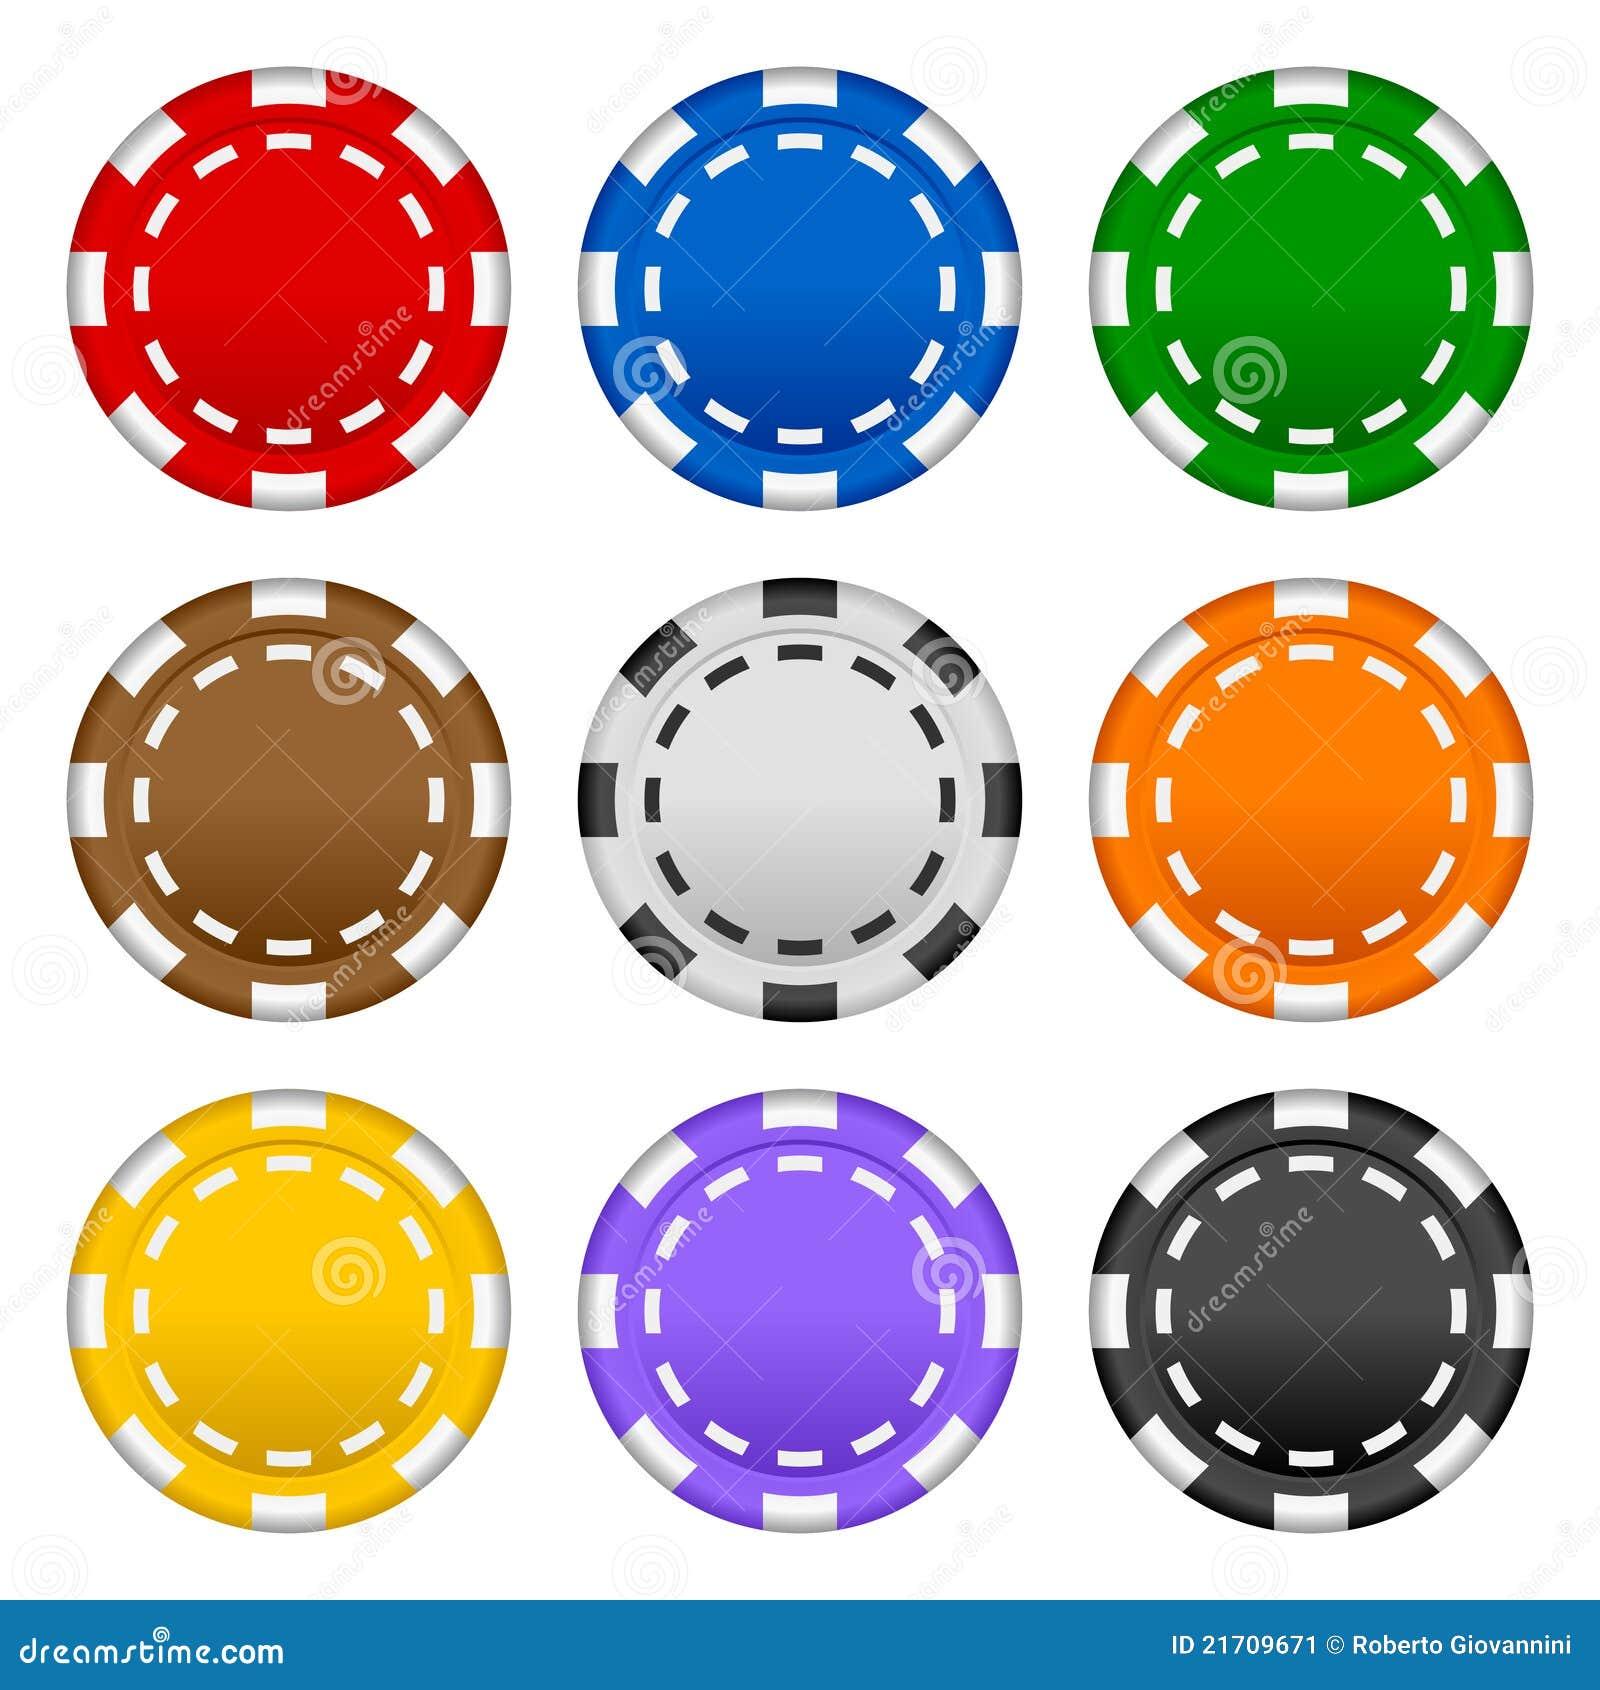 Chip gambling deno gambling hearts lottie queen